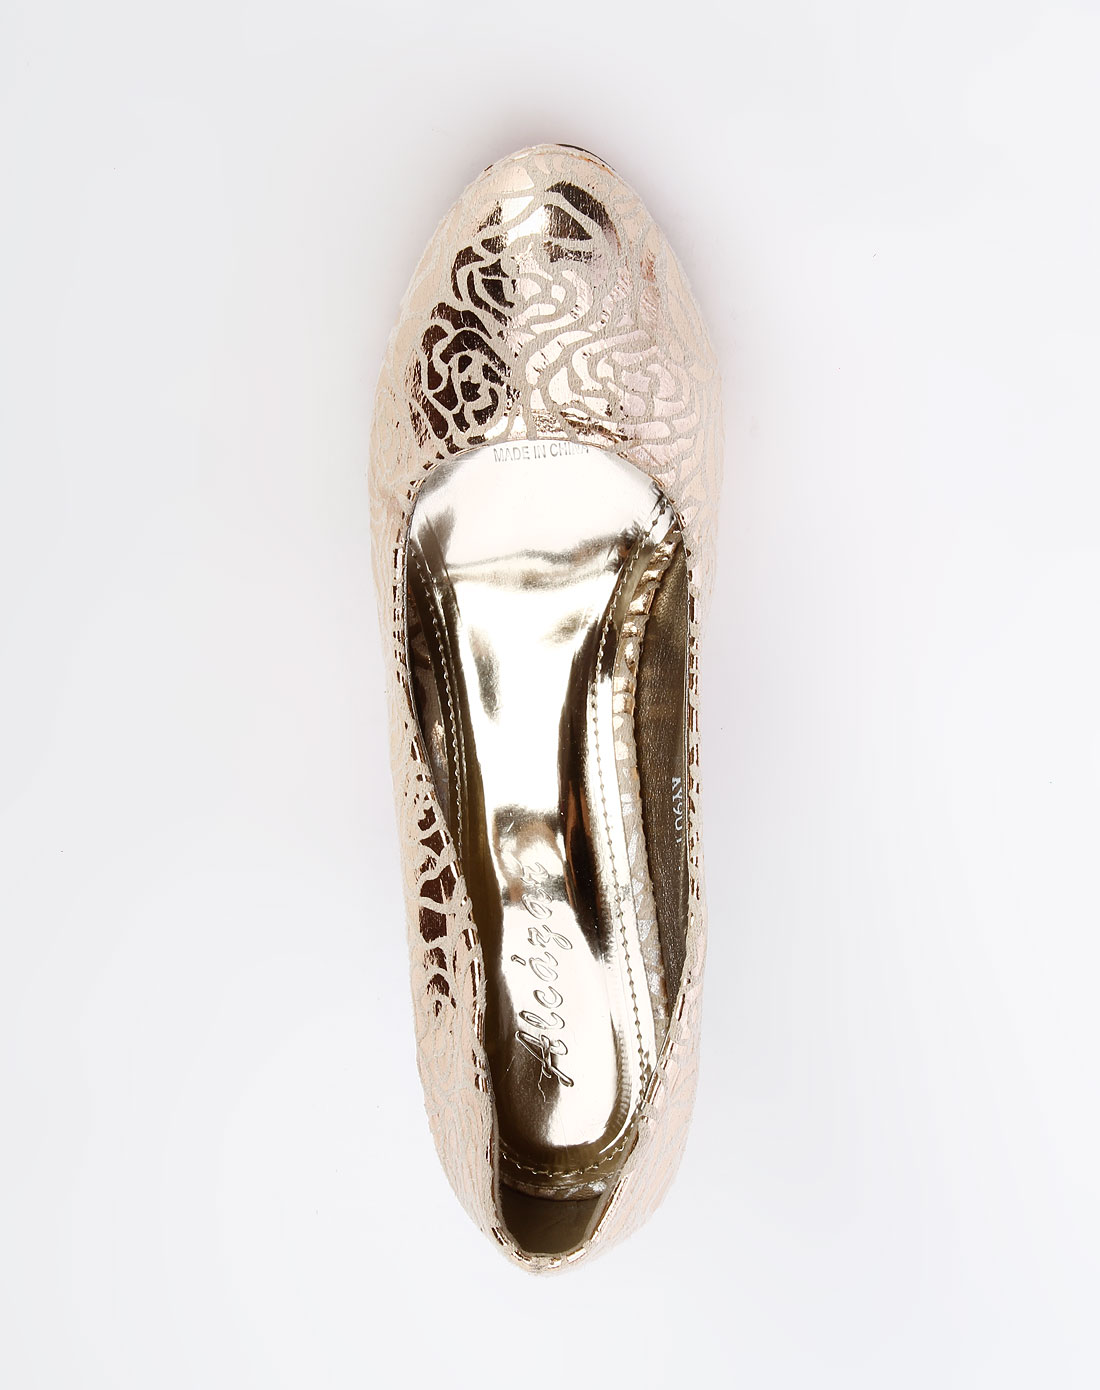 女鞋库存专场-阿卡莎 金色花纹时尚高跟鞋